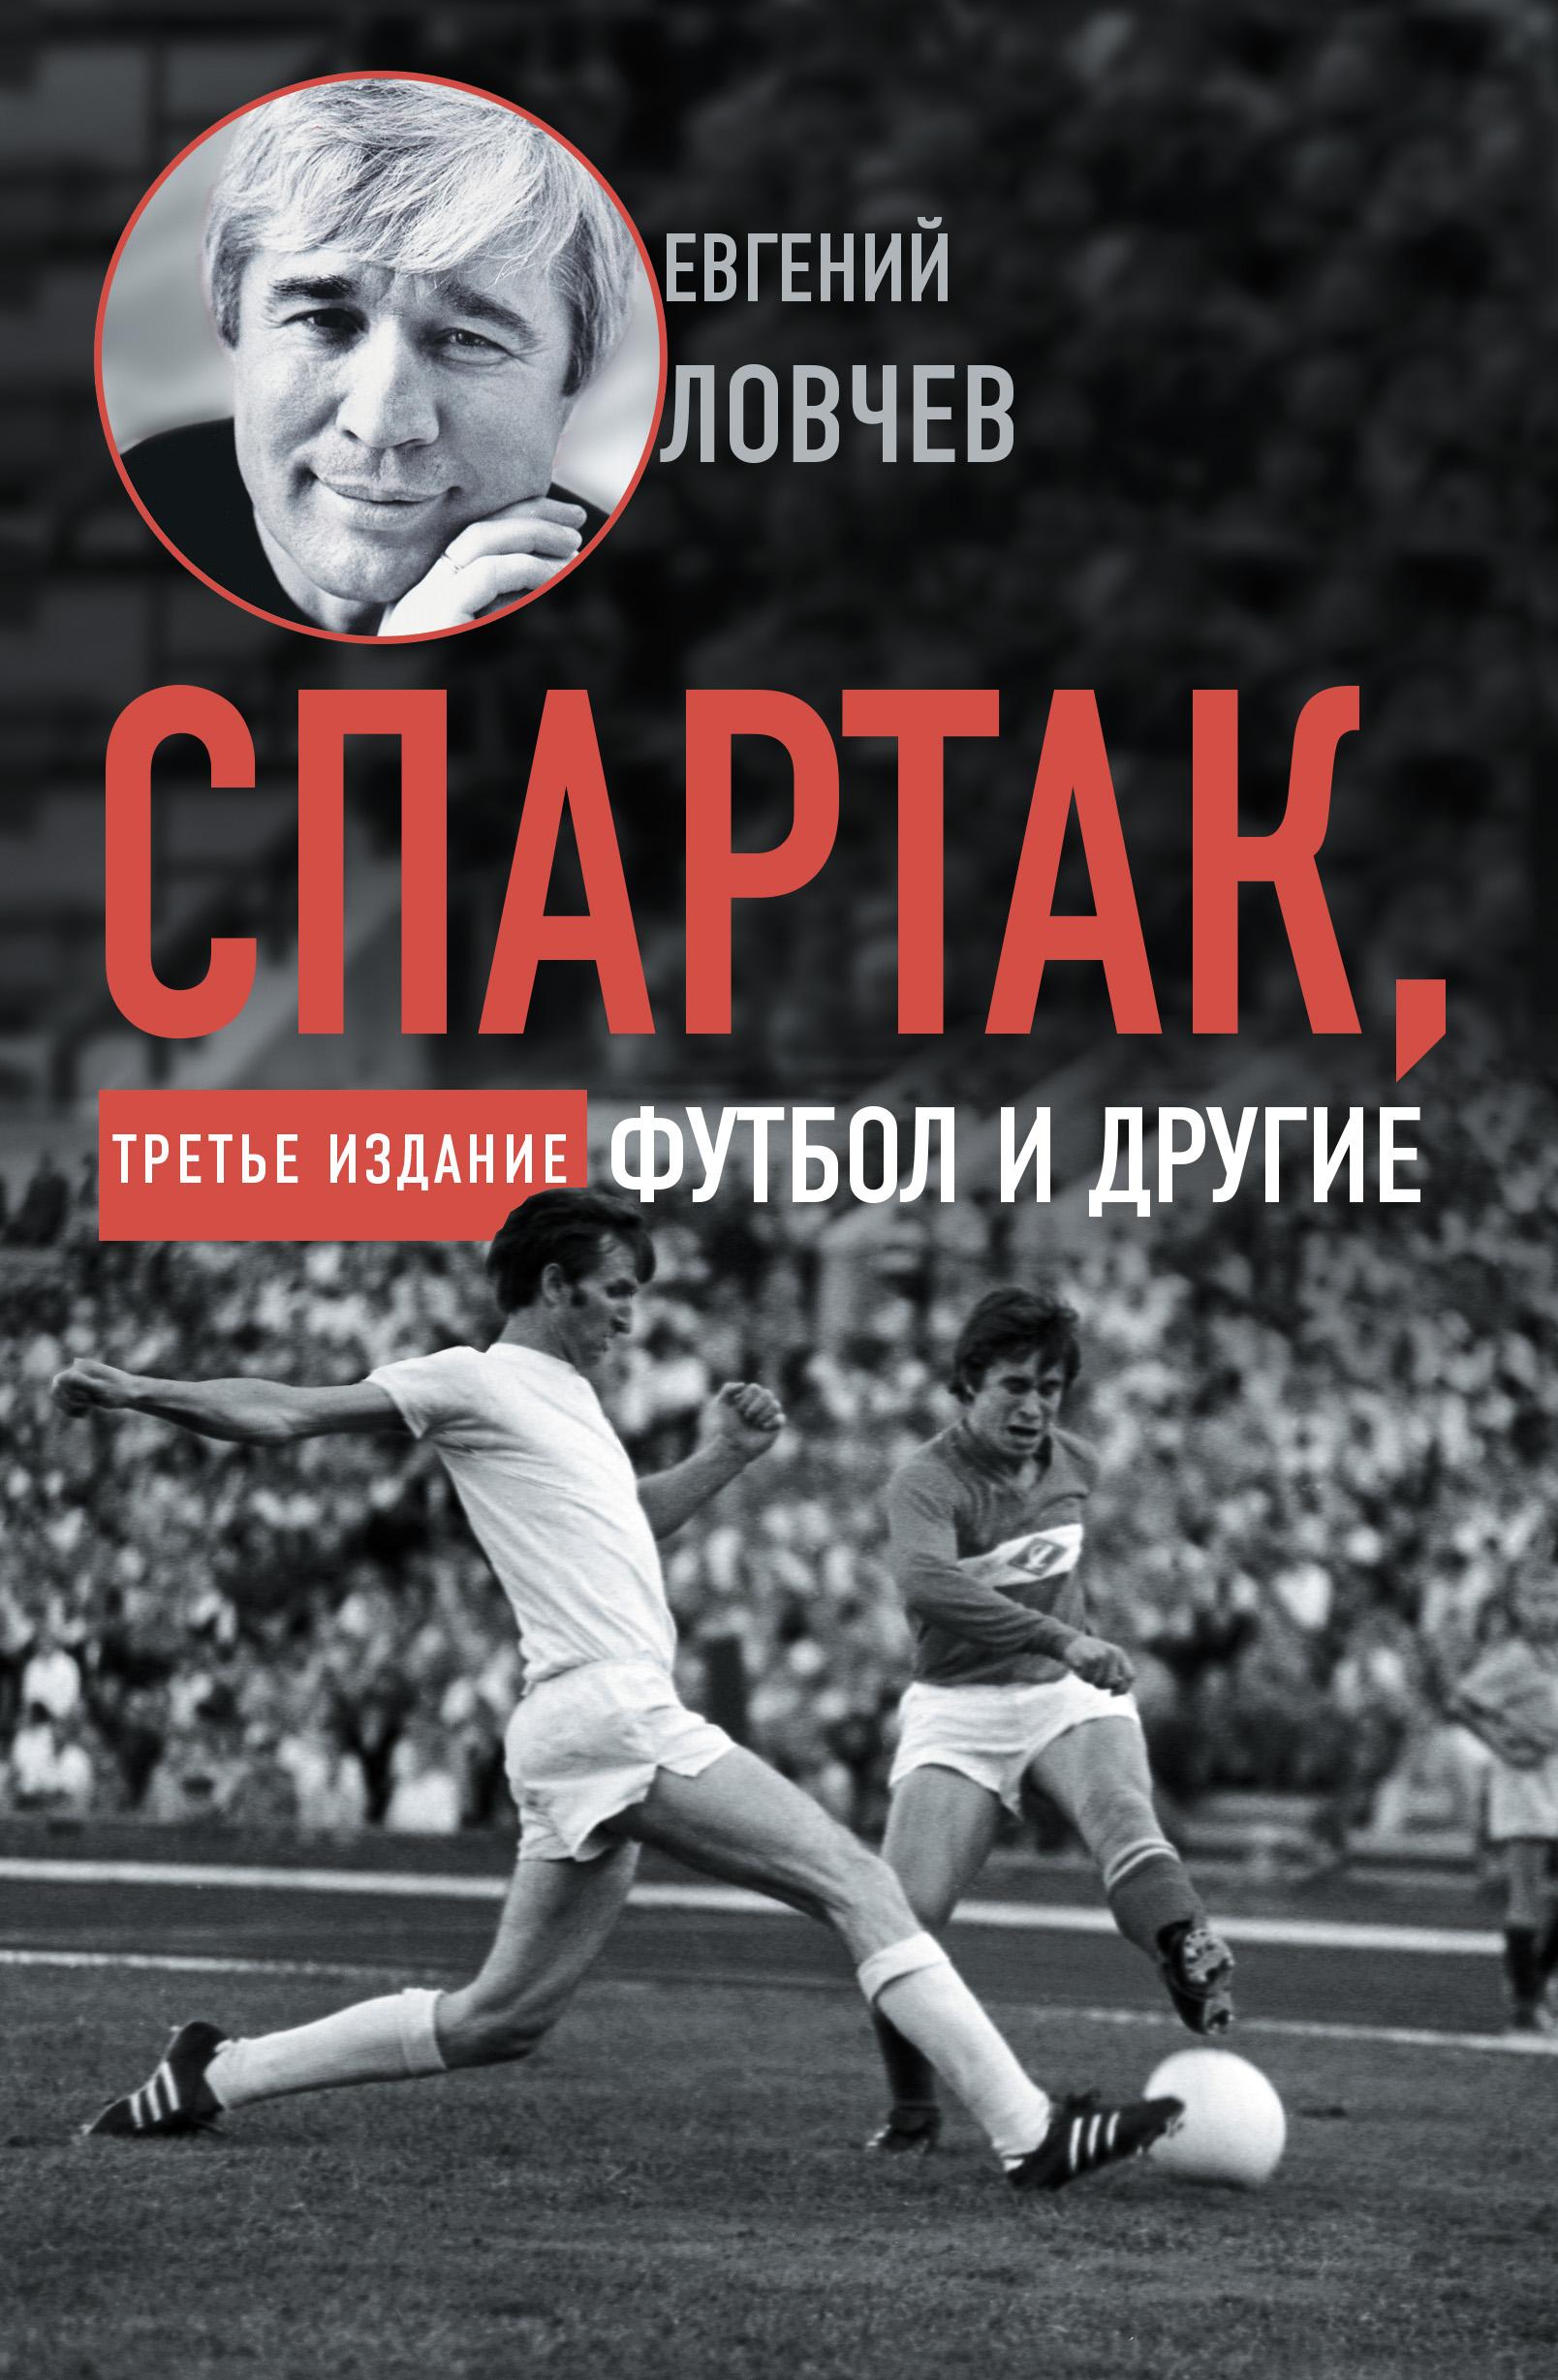 Евгений Ловчев «Спартак»и другие